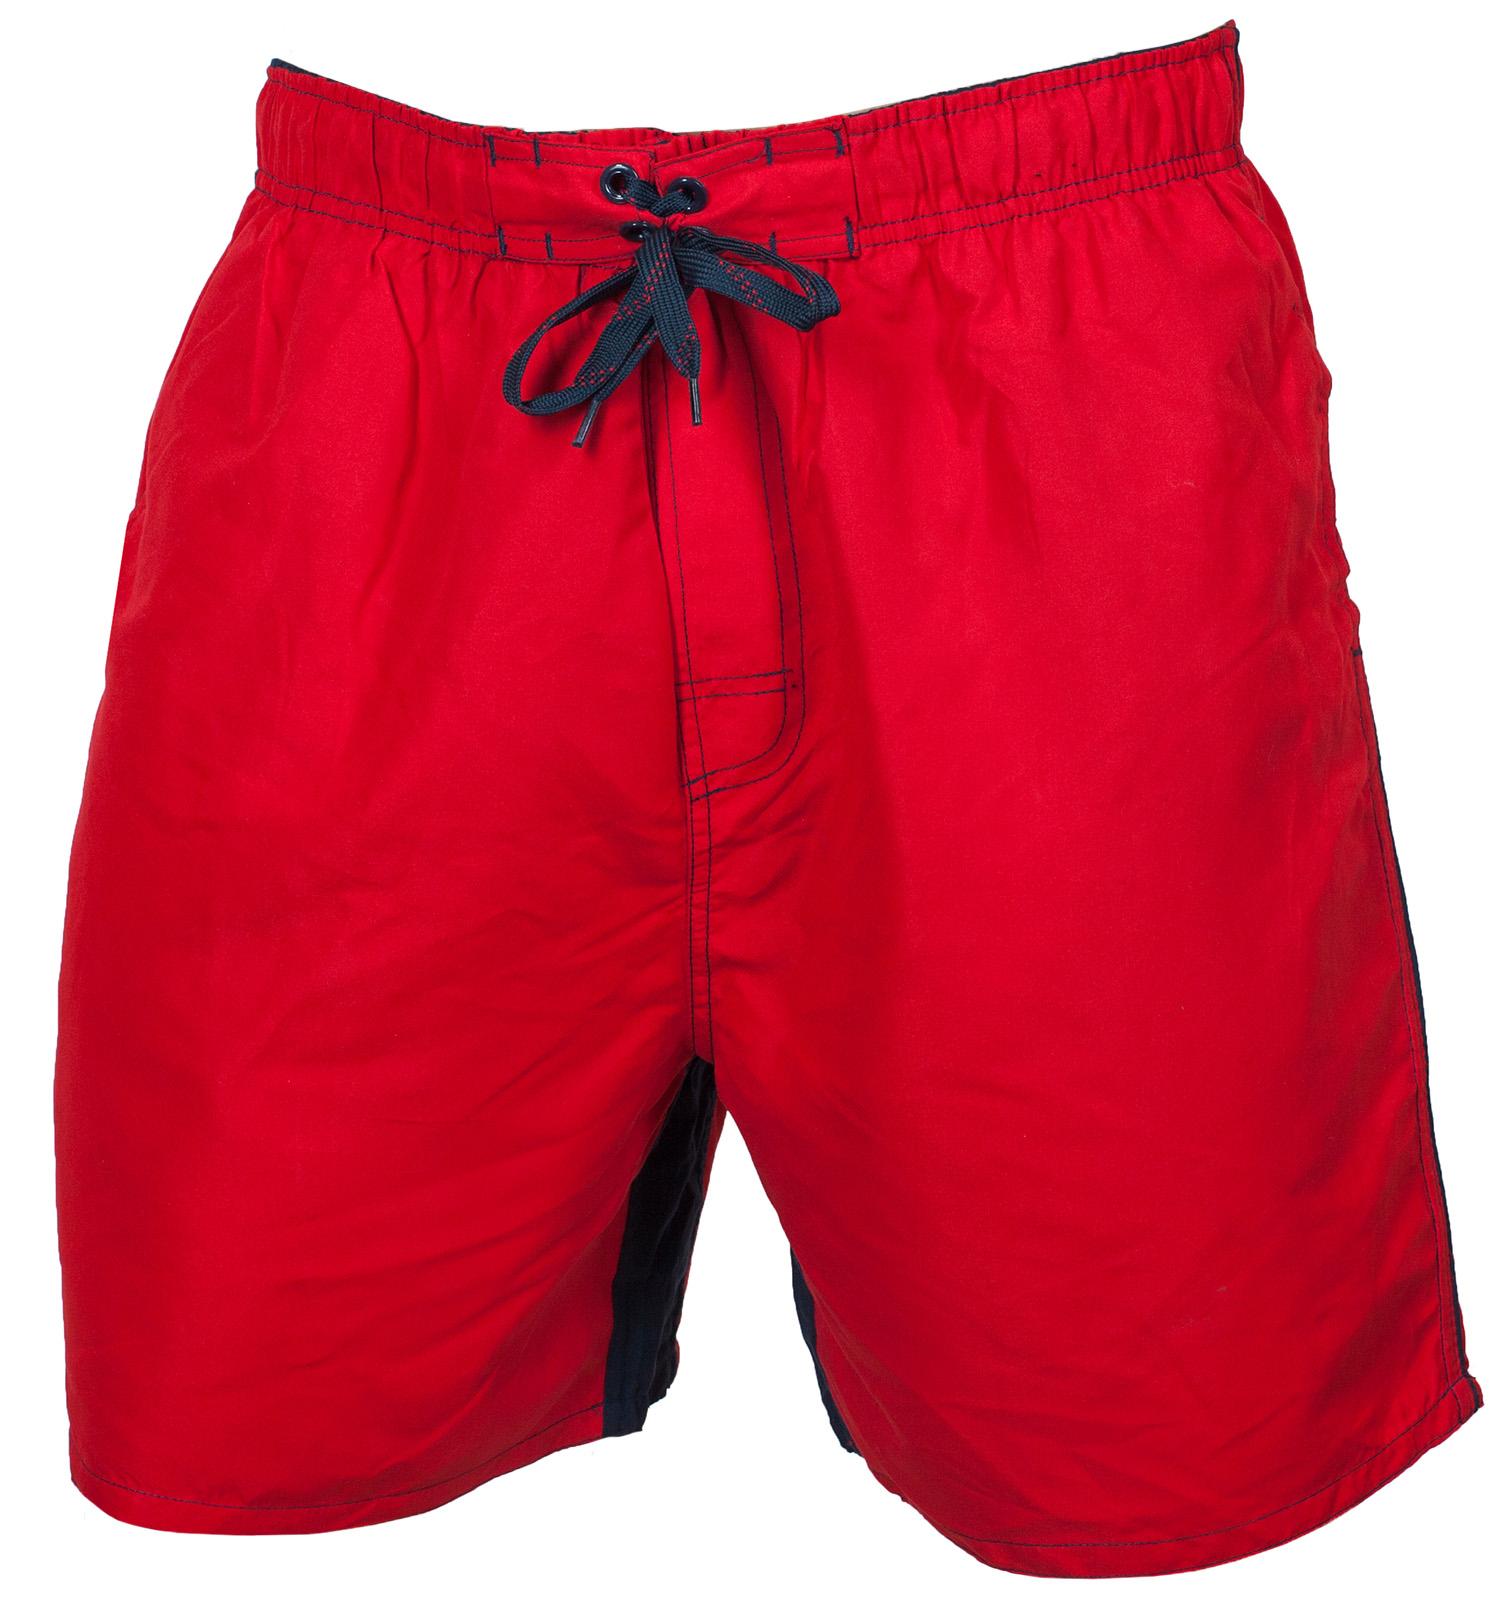 Купить красные шорты для крутых мужчин (Mountain Ridge, США) по демократической цене